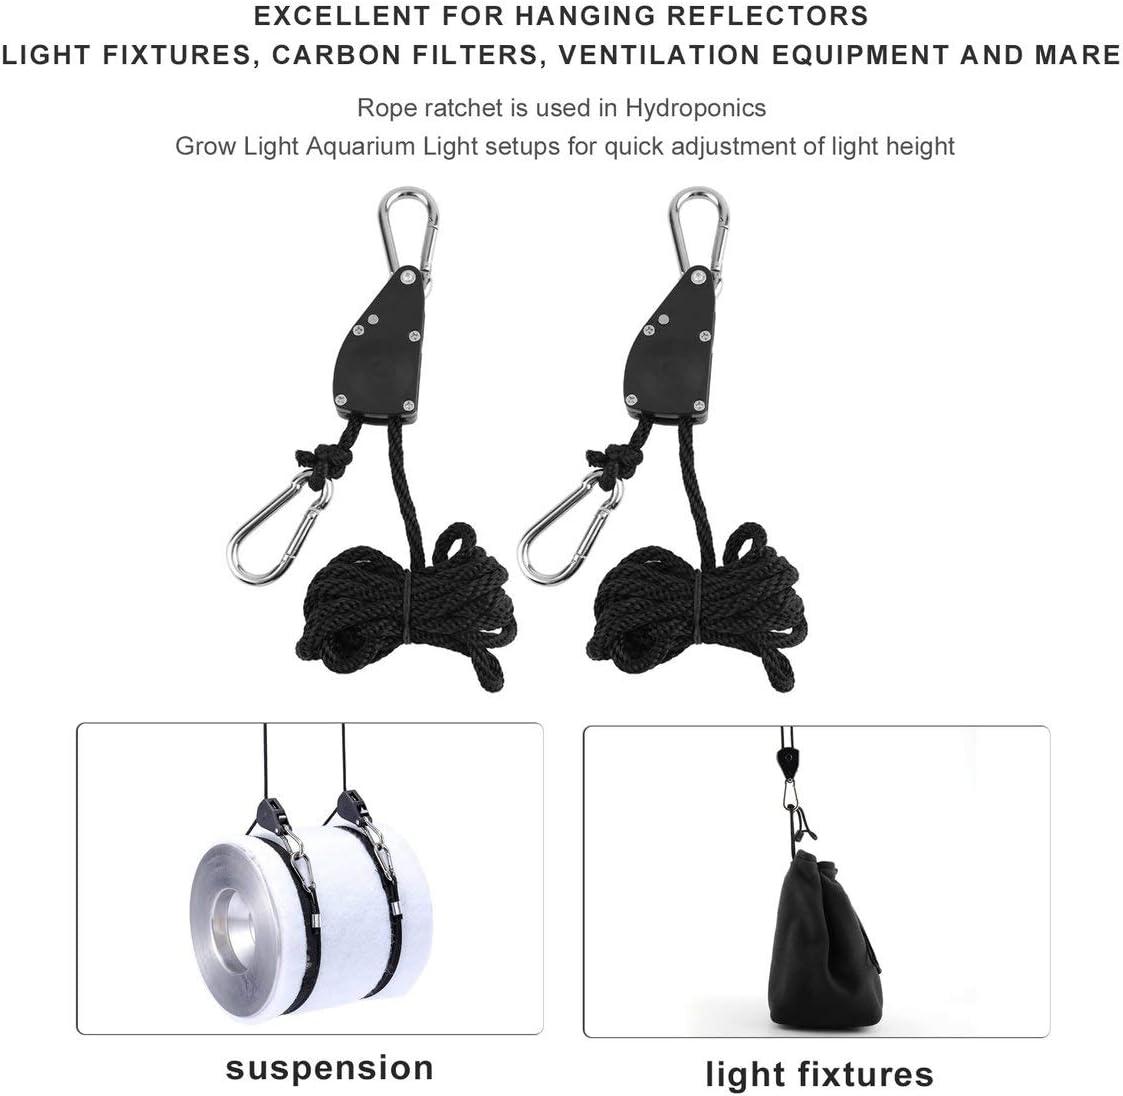 schwarz 73JohnPol 1 para 1//4 /£ Kleiderb/ügel Seil Ratsche 150Kg Last f/ür Aquarium LED Pflanze Wachsen Zelt Raumventilator Kohlefilter Wachsen Licht